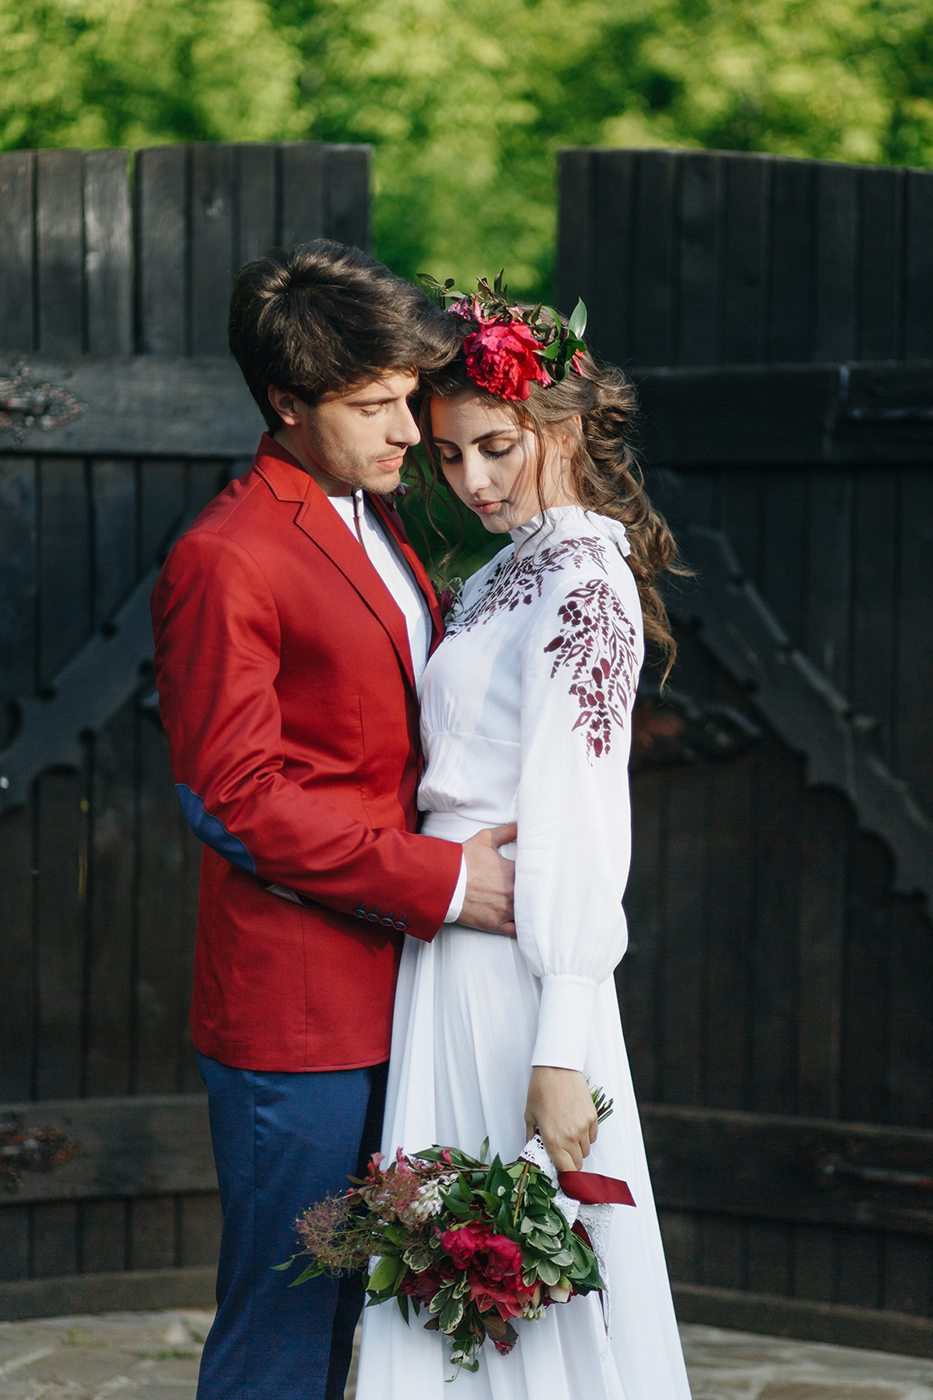 Национальный колорит: этно-свадьба Ульяны и Дмитрия